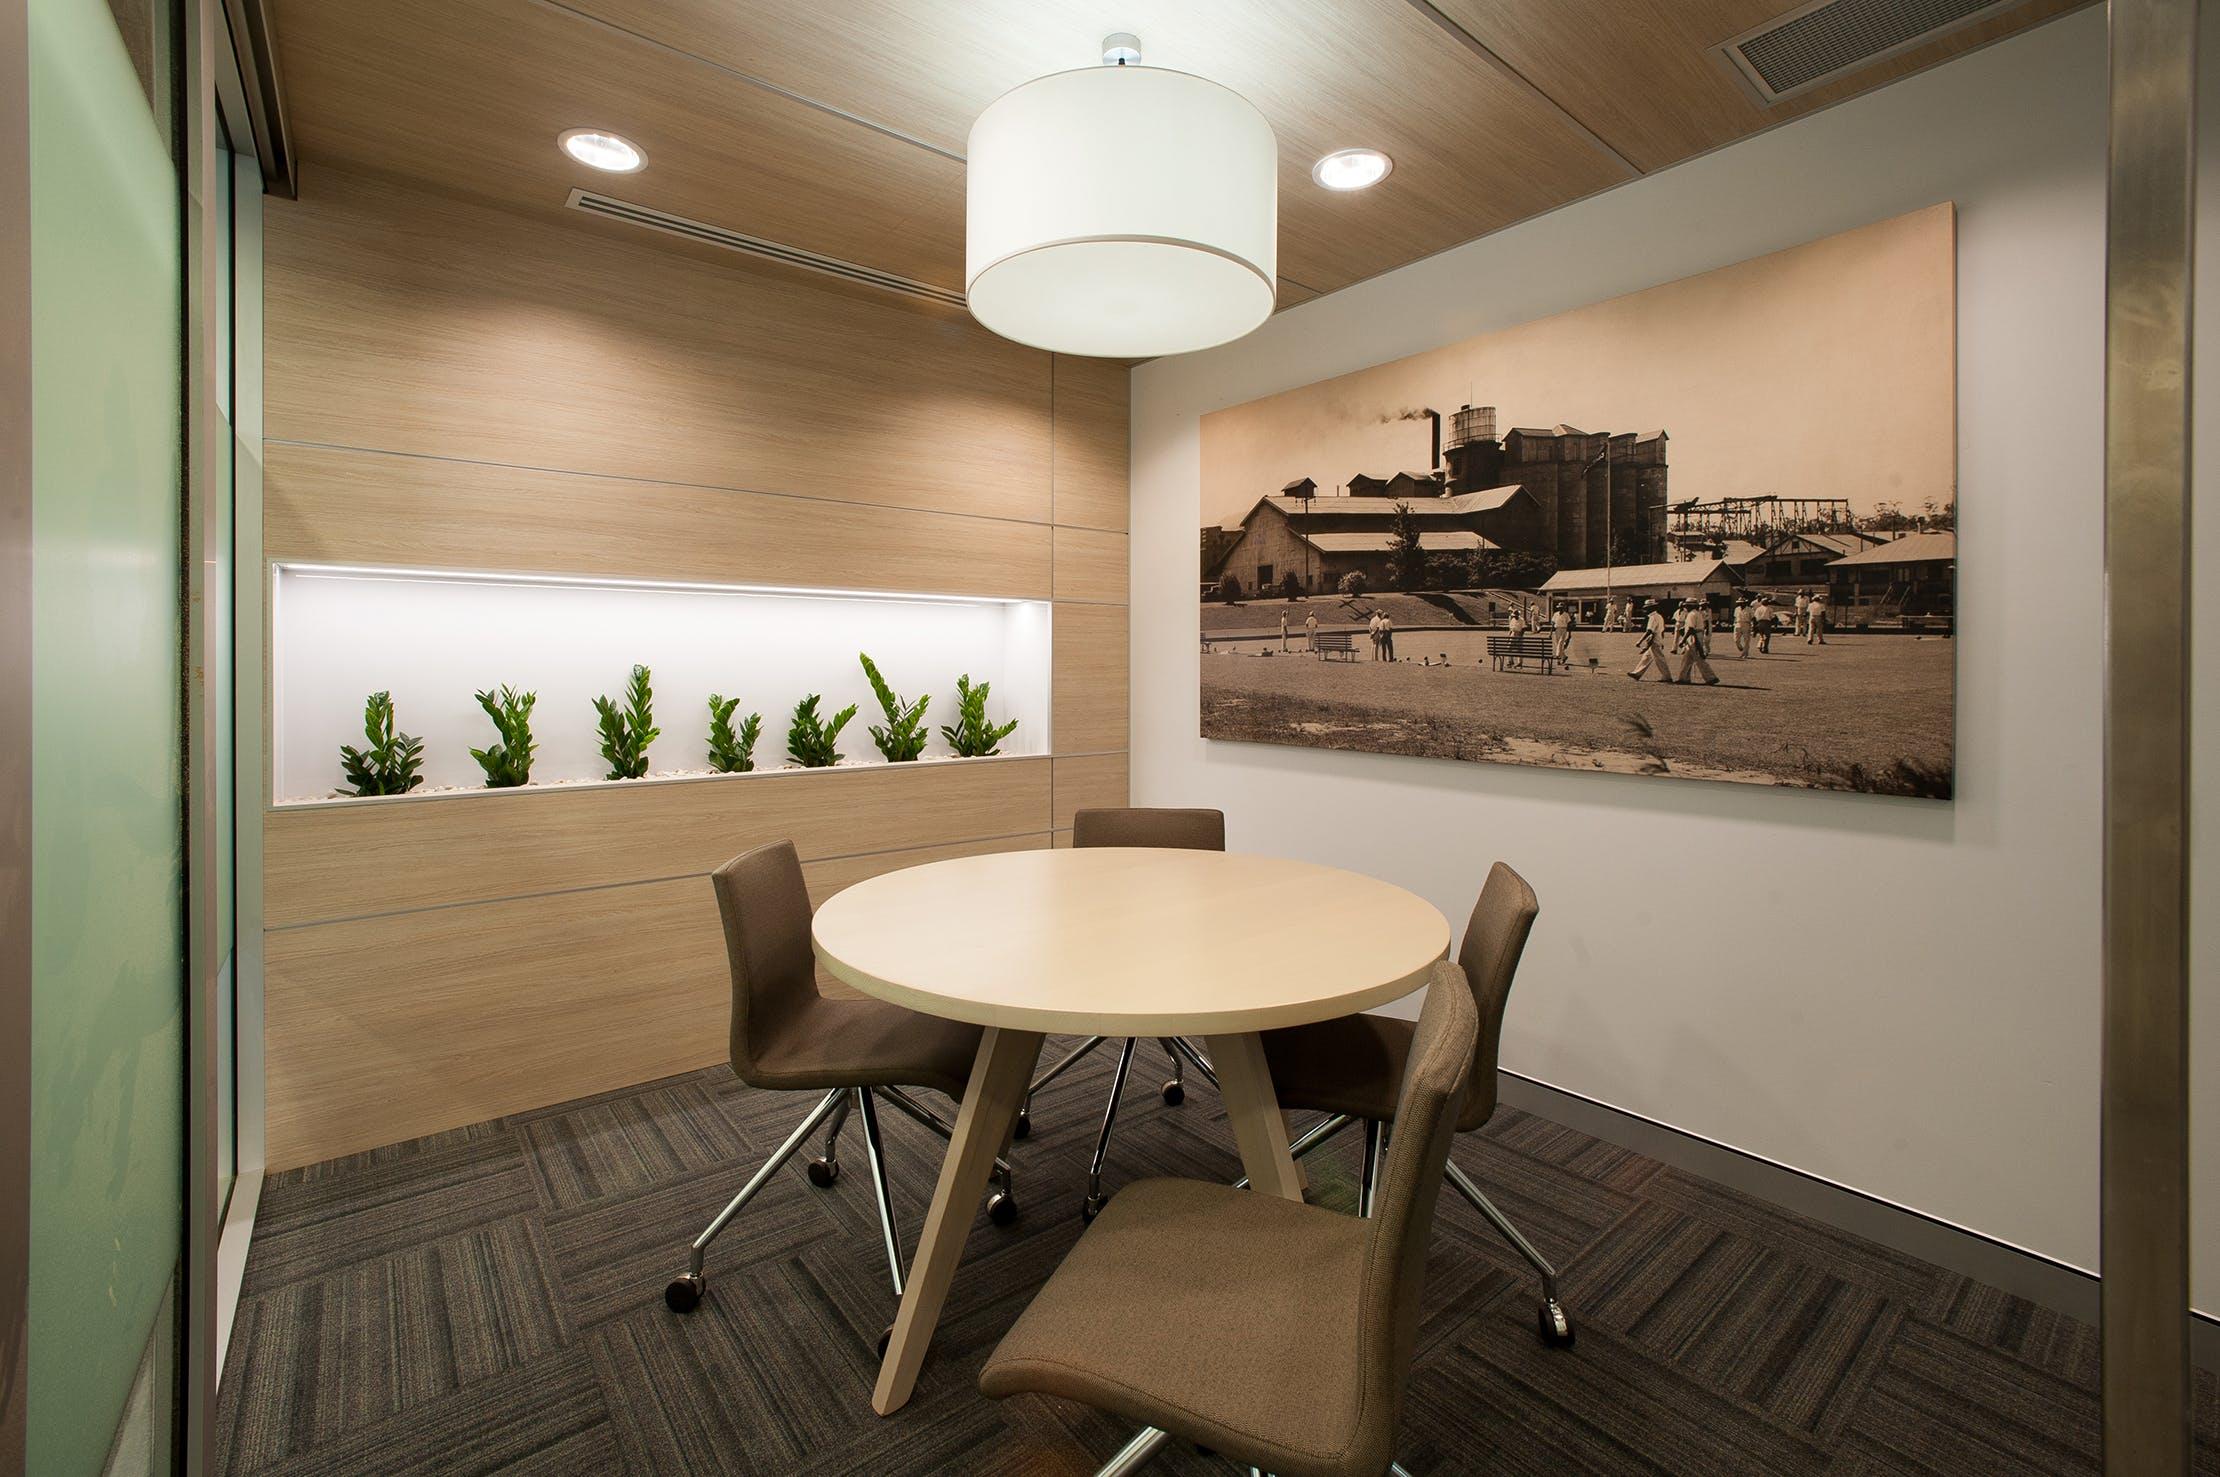 Meeting Room 1, meeting room at BTP Westlink Green, image 1